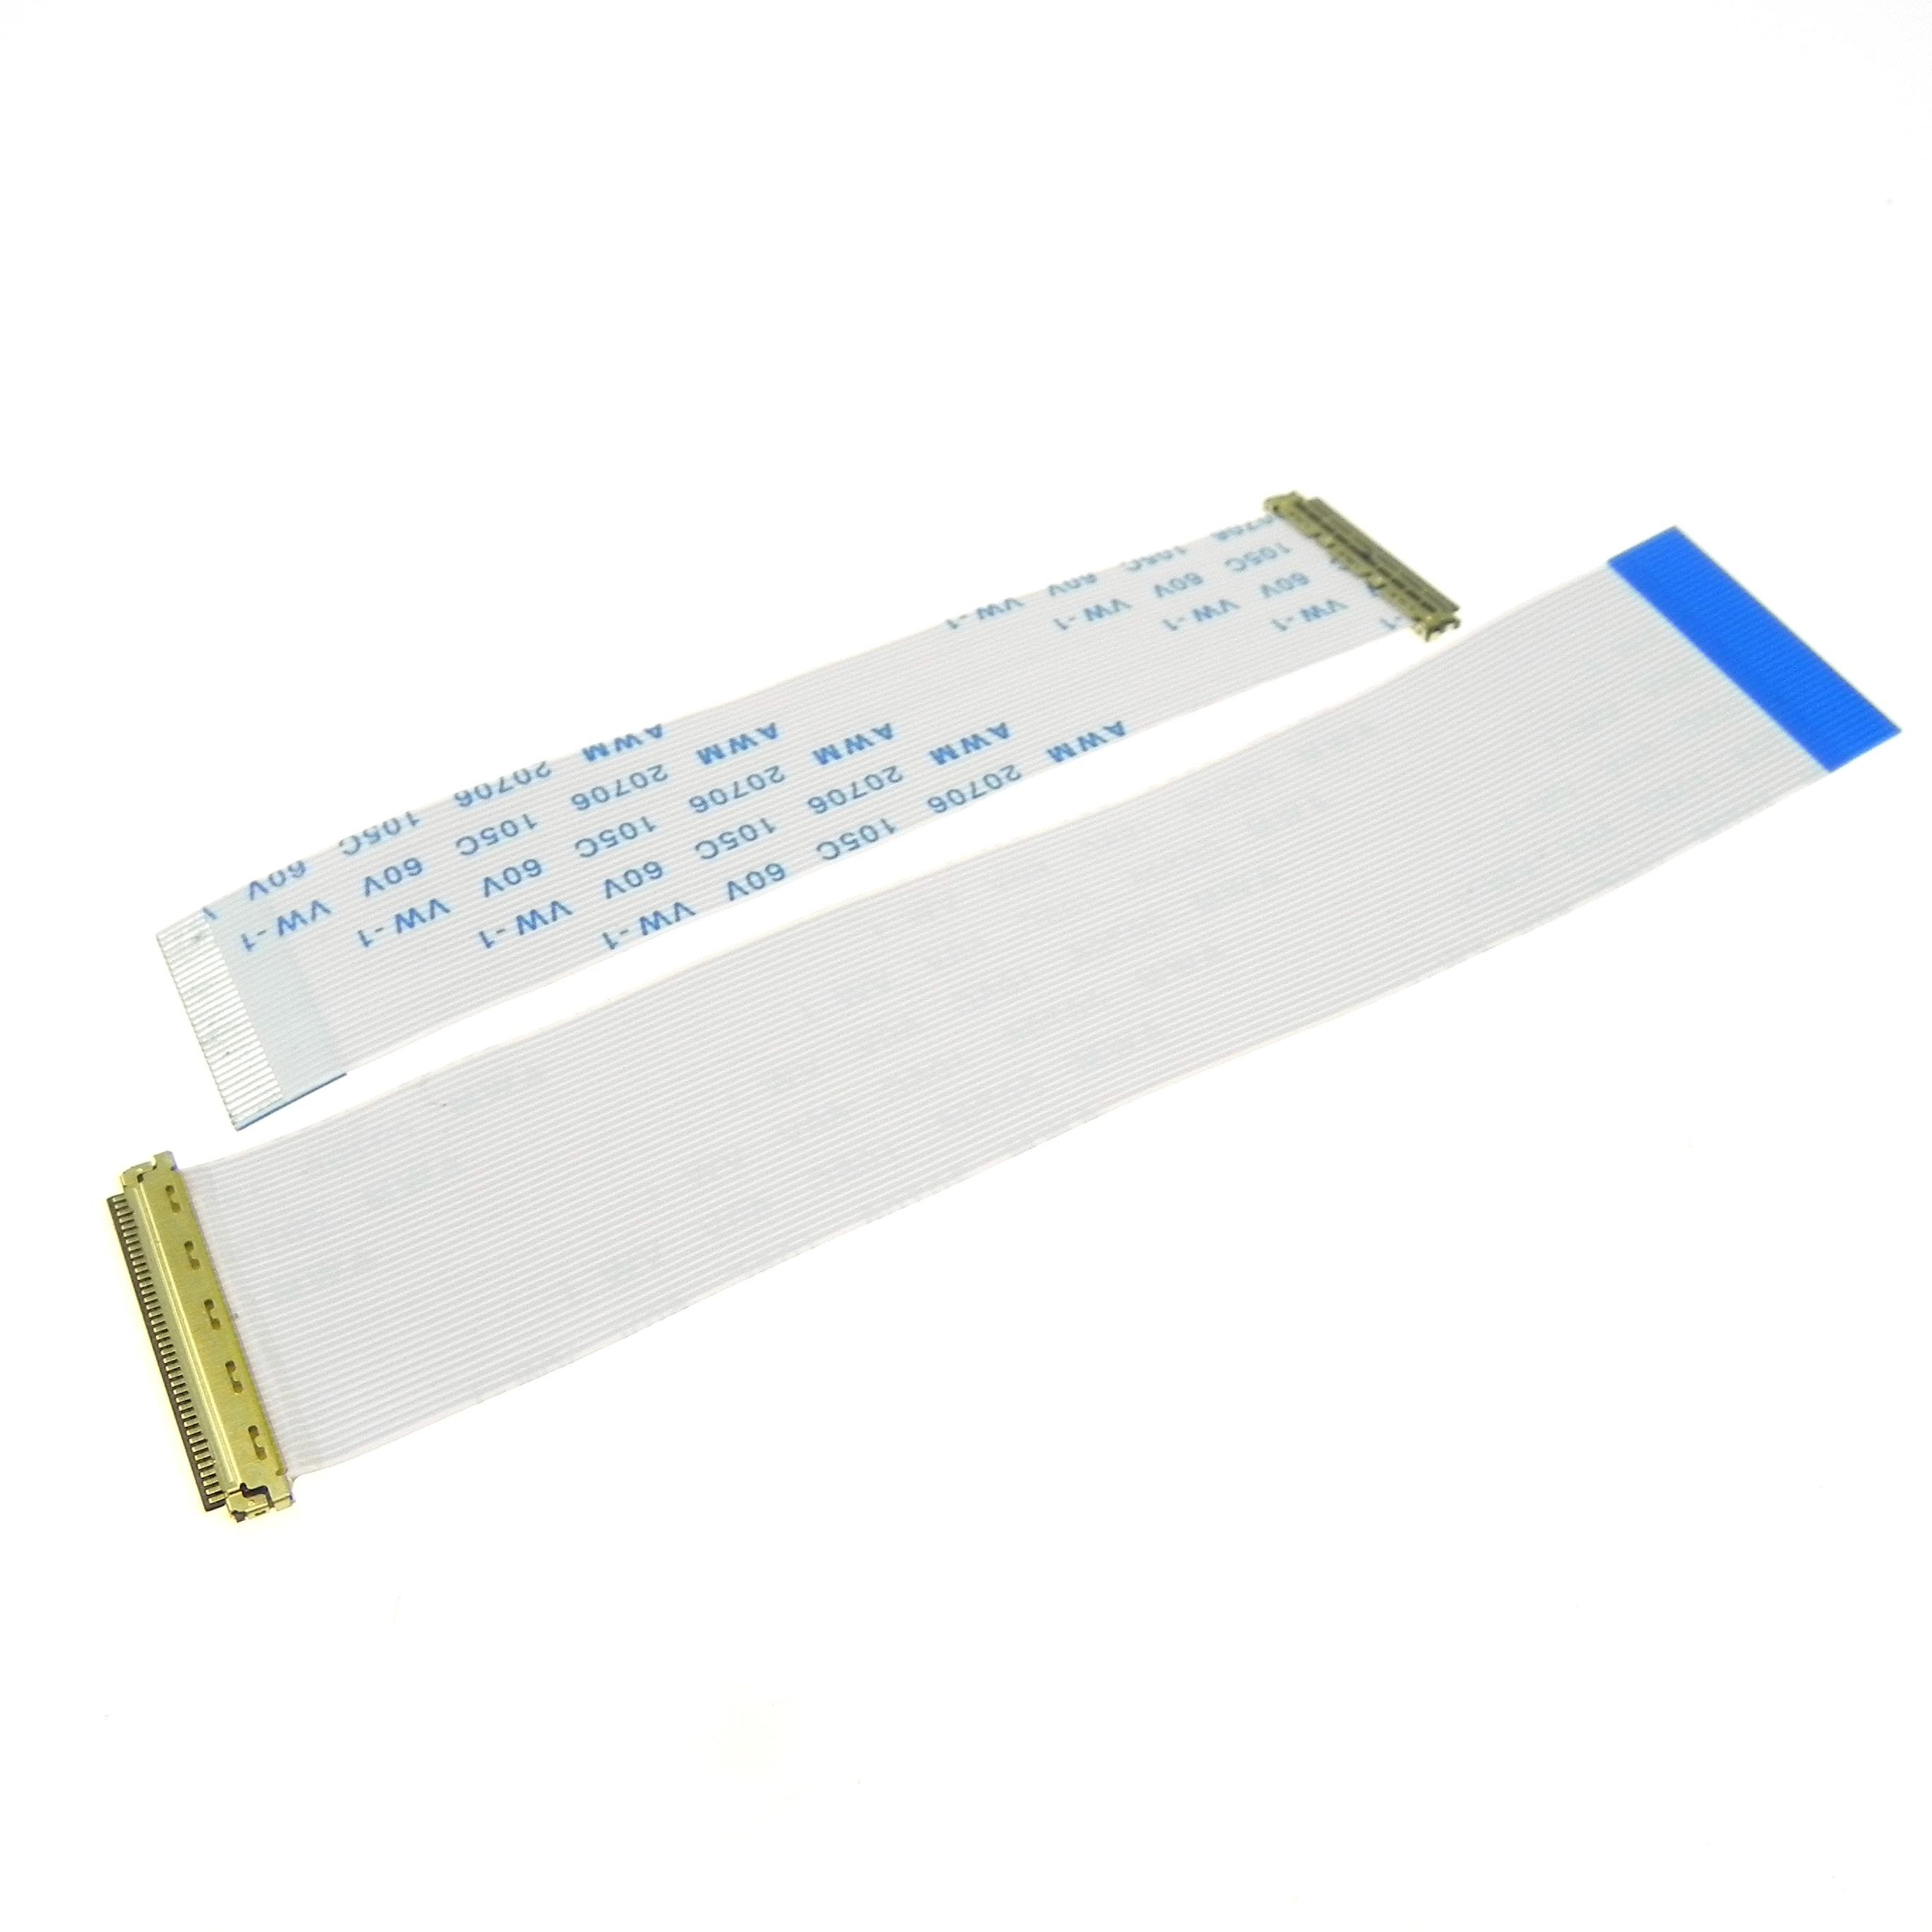 I-pex 20455 20454 0.5mm Lvds FFC flat cable